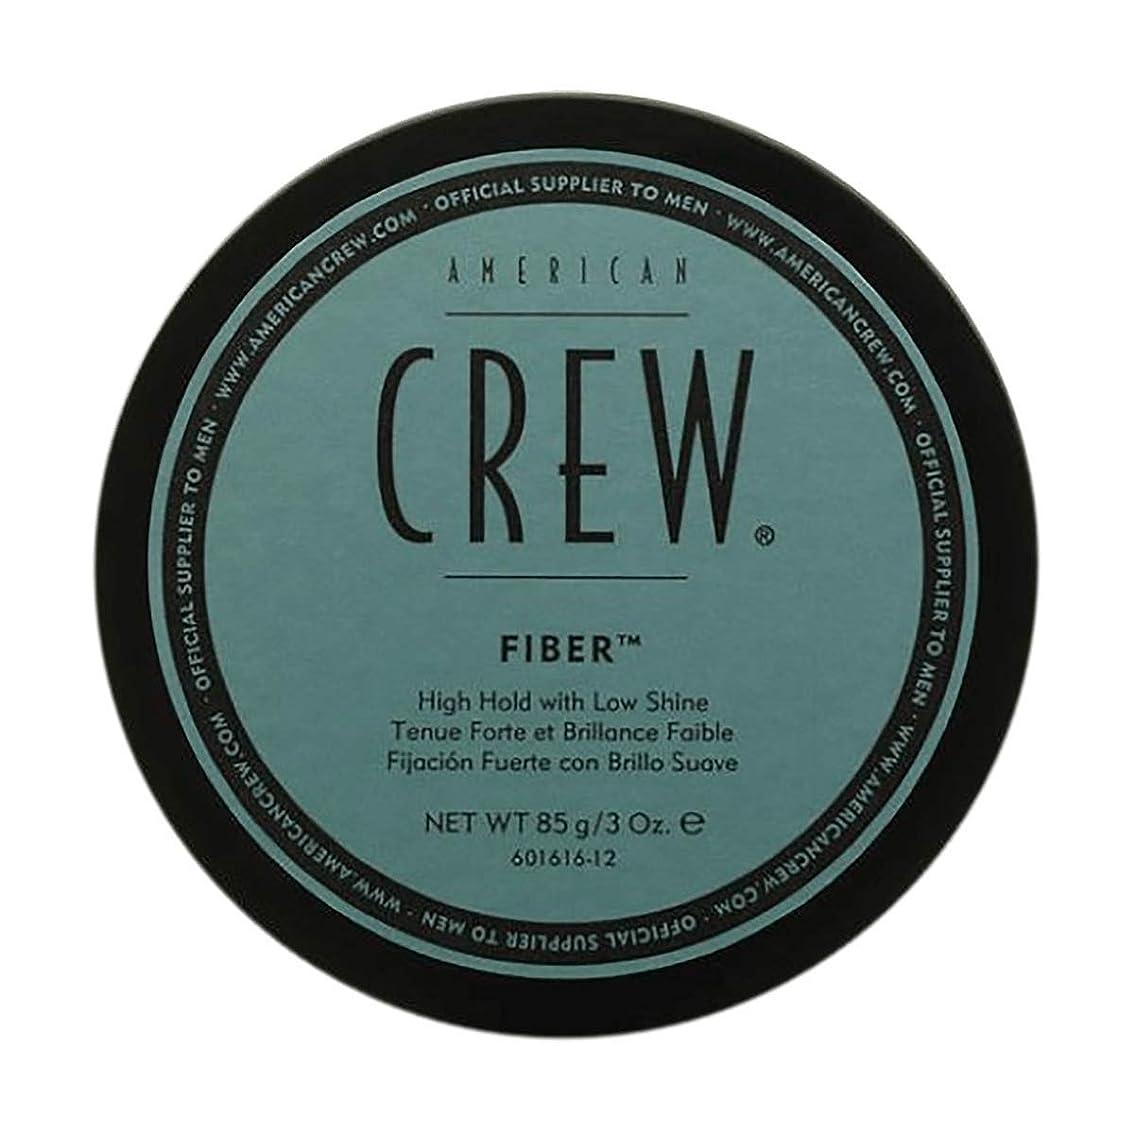 ナビゲーション系譜発信アメリカンクルー クラシック ファイバー American Crew Fiber 85g [並行輸入品]